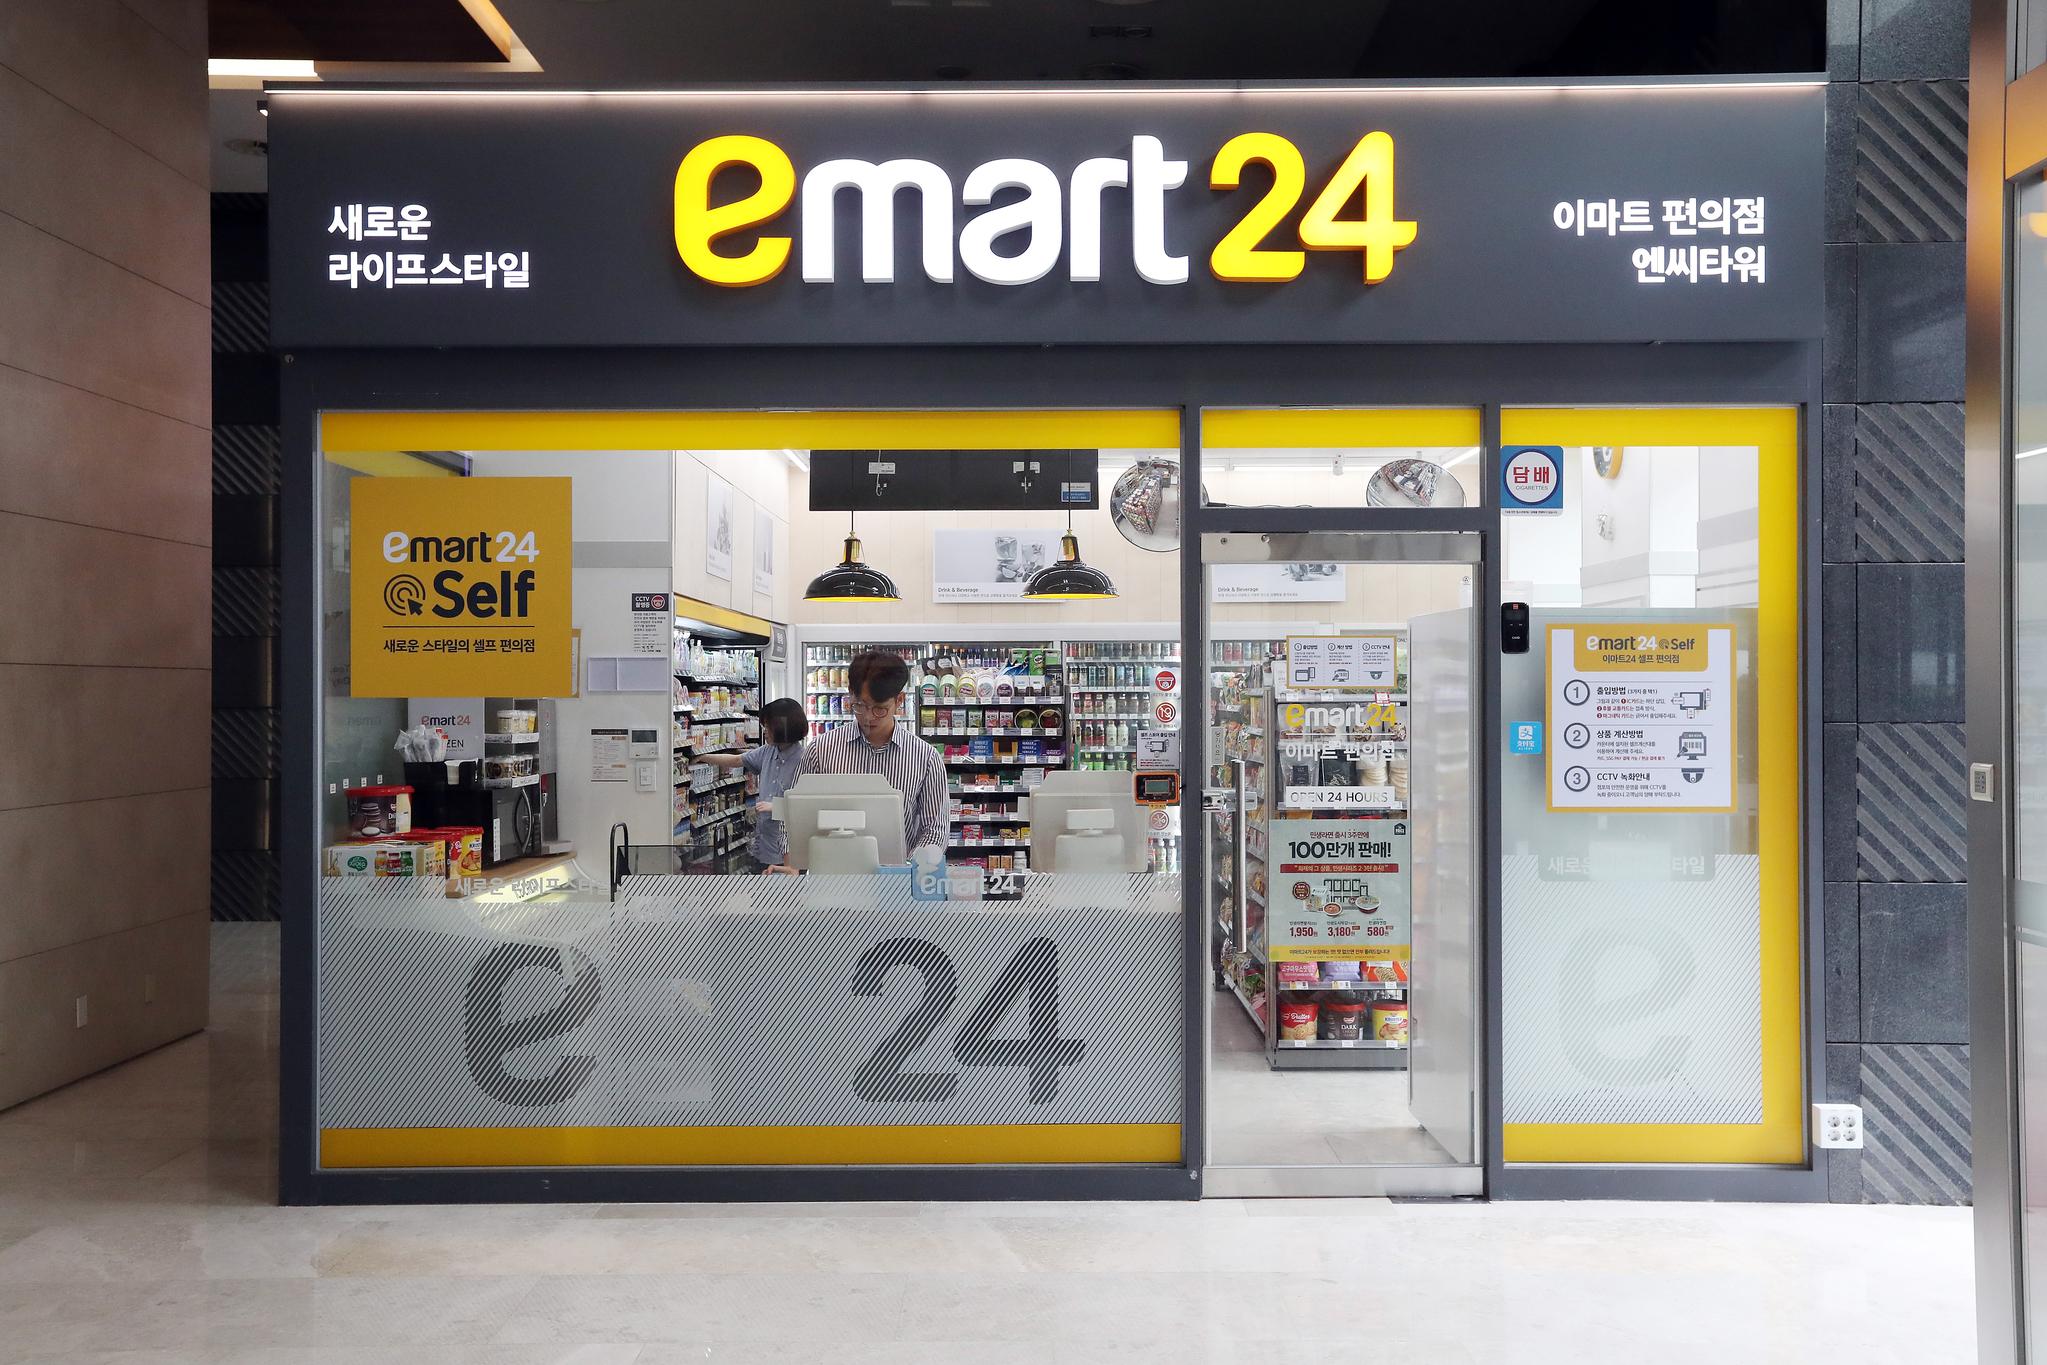 무인편의점인 이마트24 nc타워점에서 이용객들이 물품을 구입하고 있다. 우상조 기자